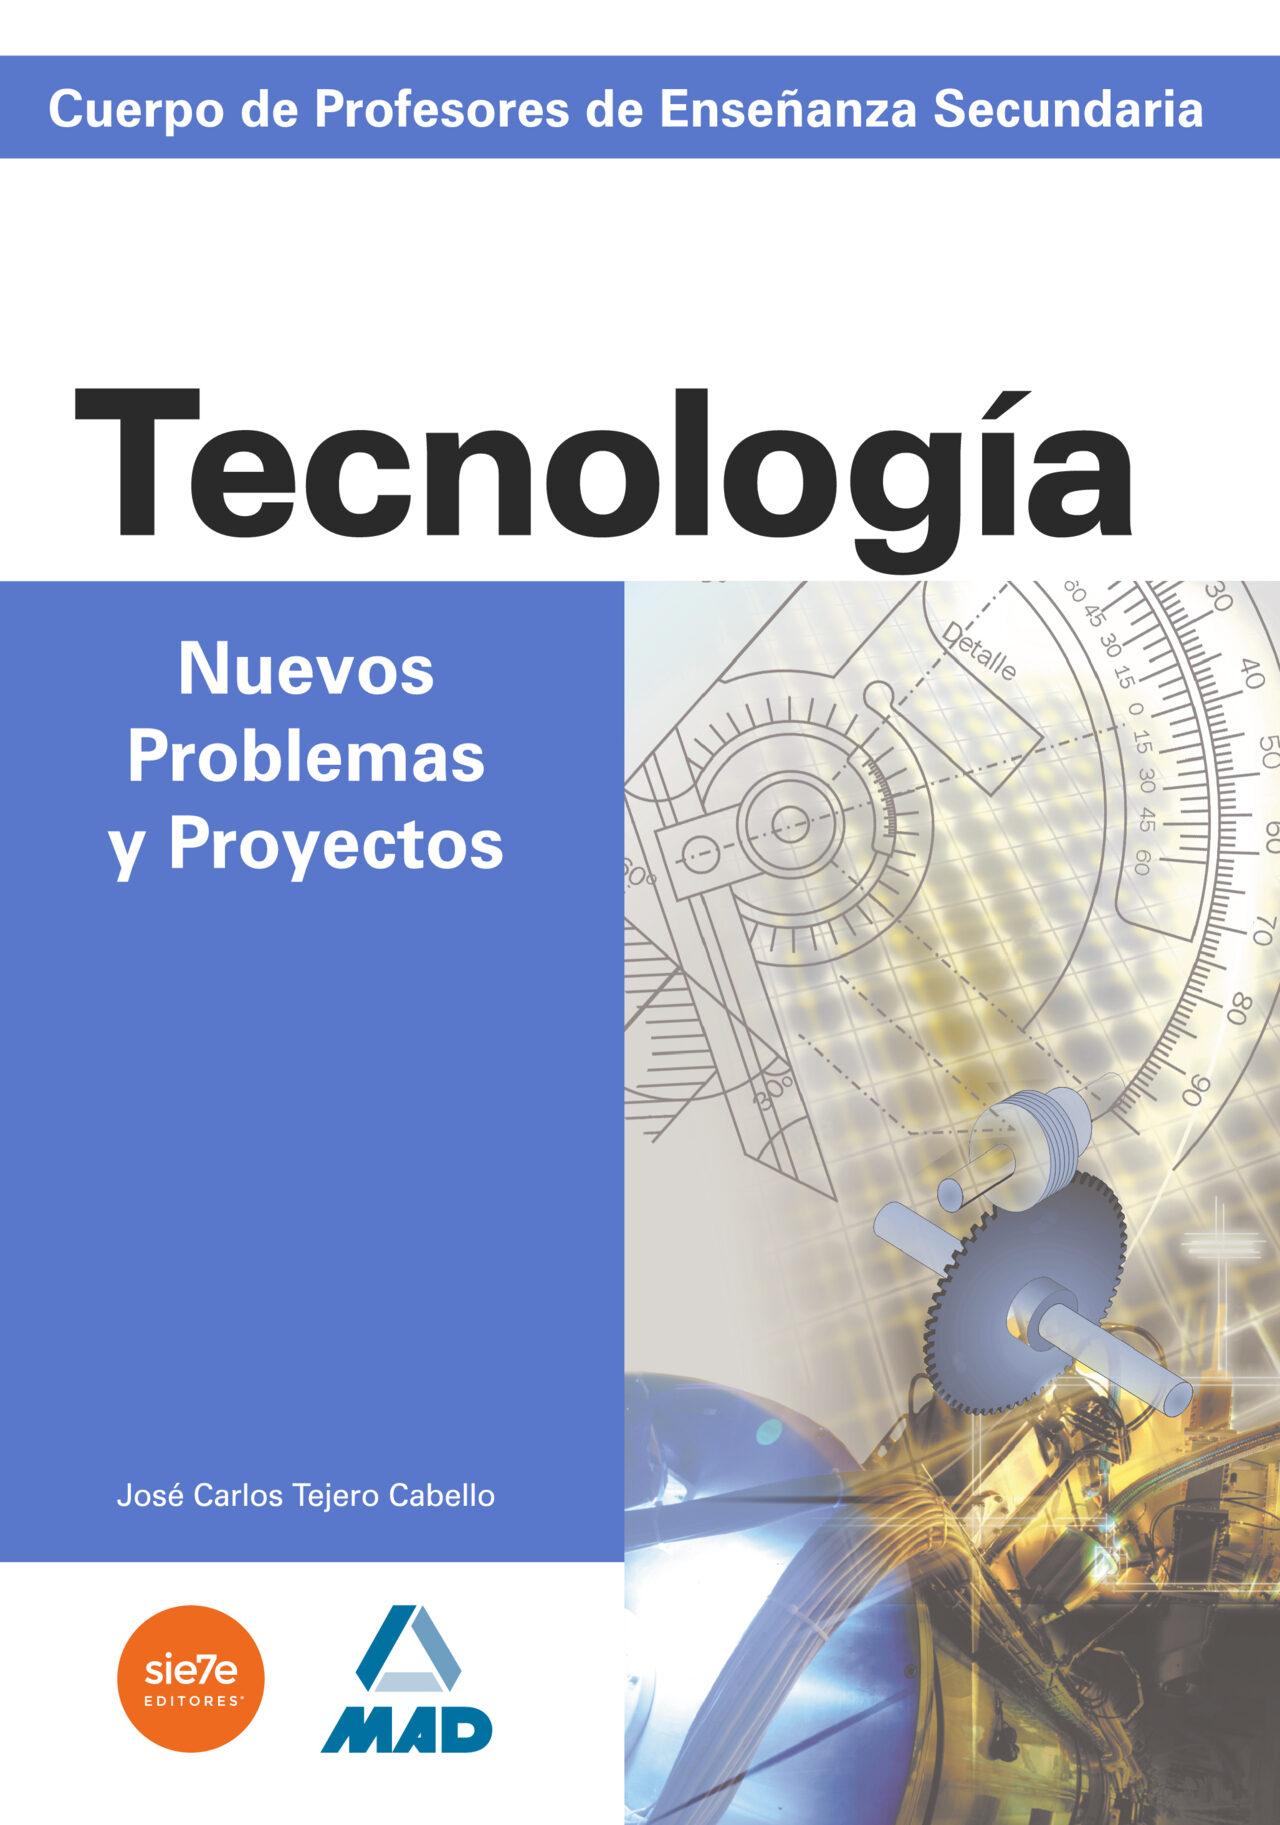 cuerpo de profesores de enseñanza secundaria: nuevos problemas y proyectos de tecnologia-9788466523523